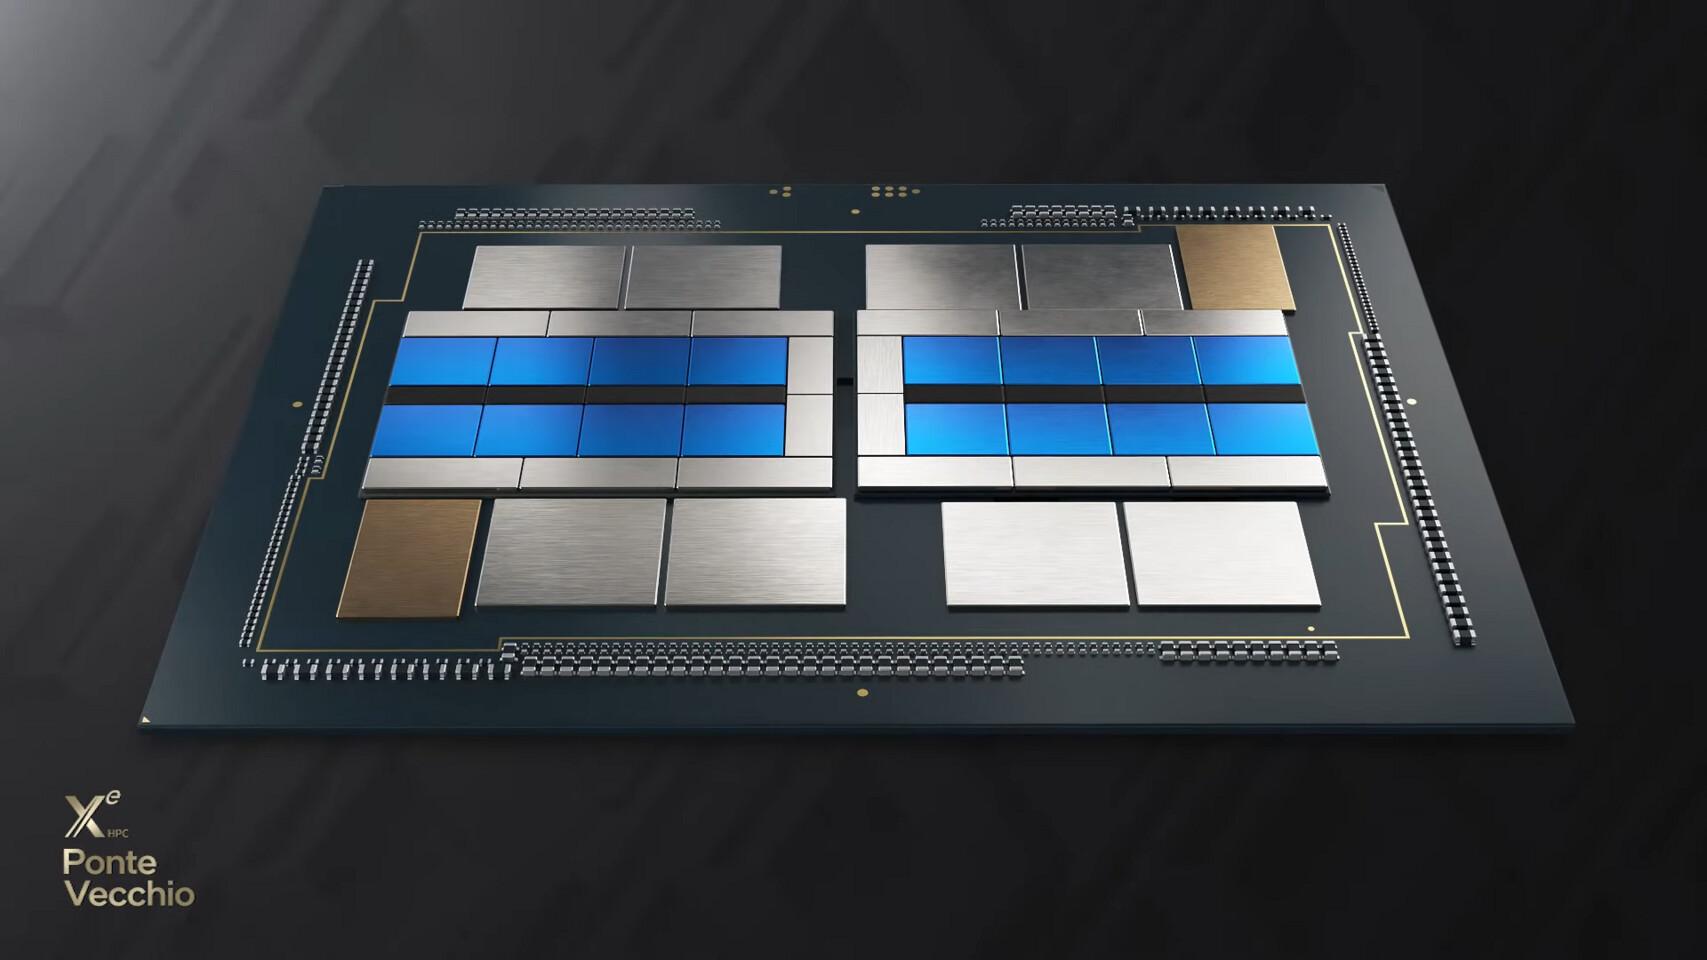 La GPU Intel Ponte Vecchio obtiene otra victoria en el Centro de supercomputación de Leibniz